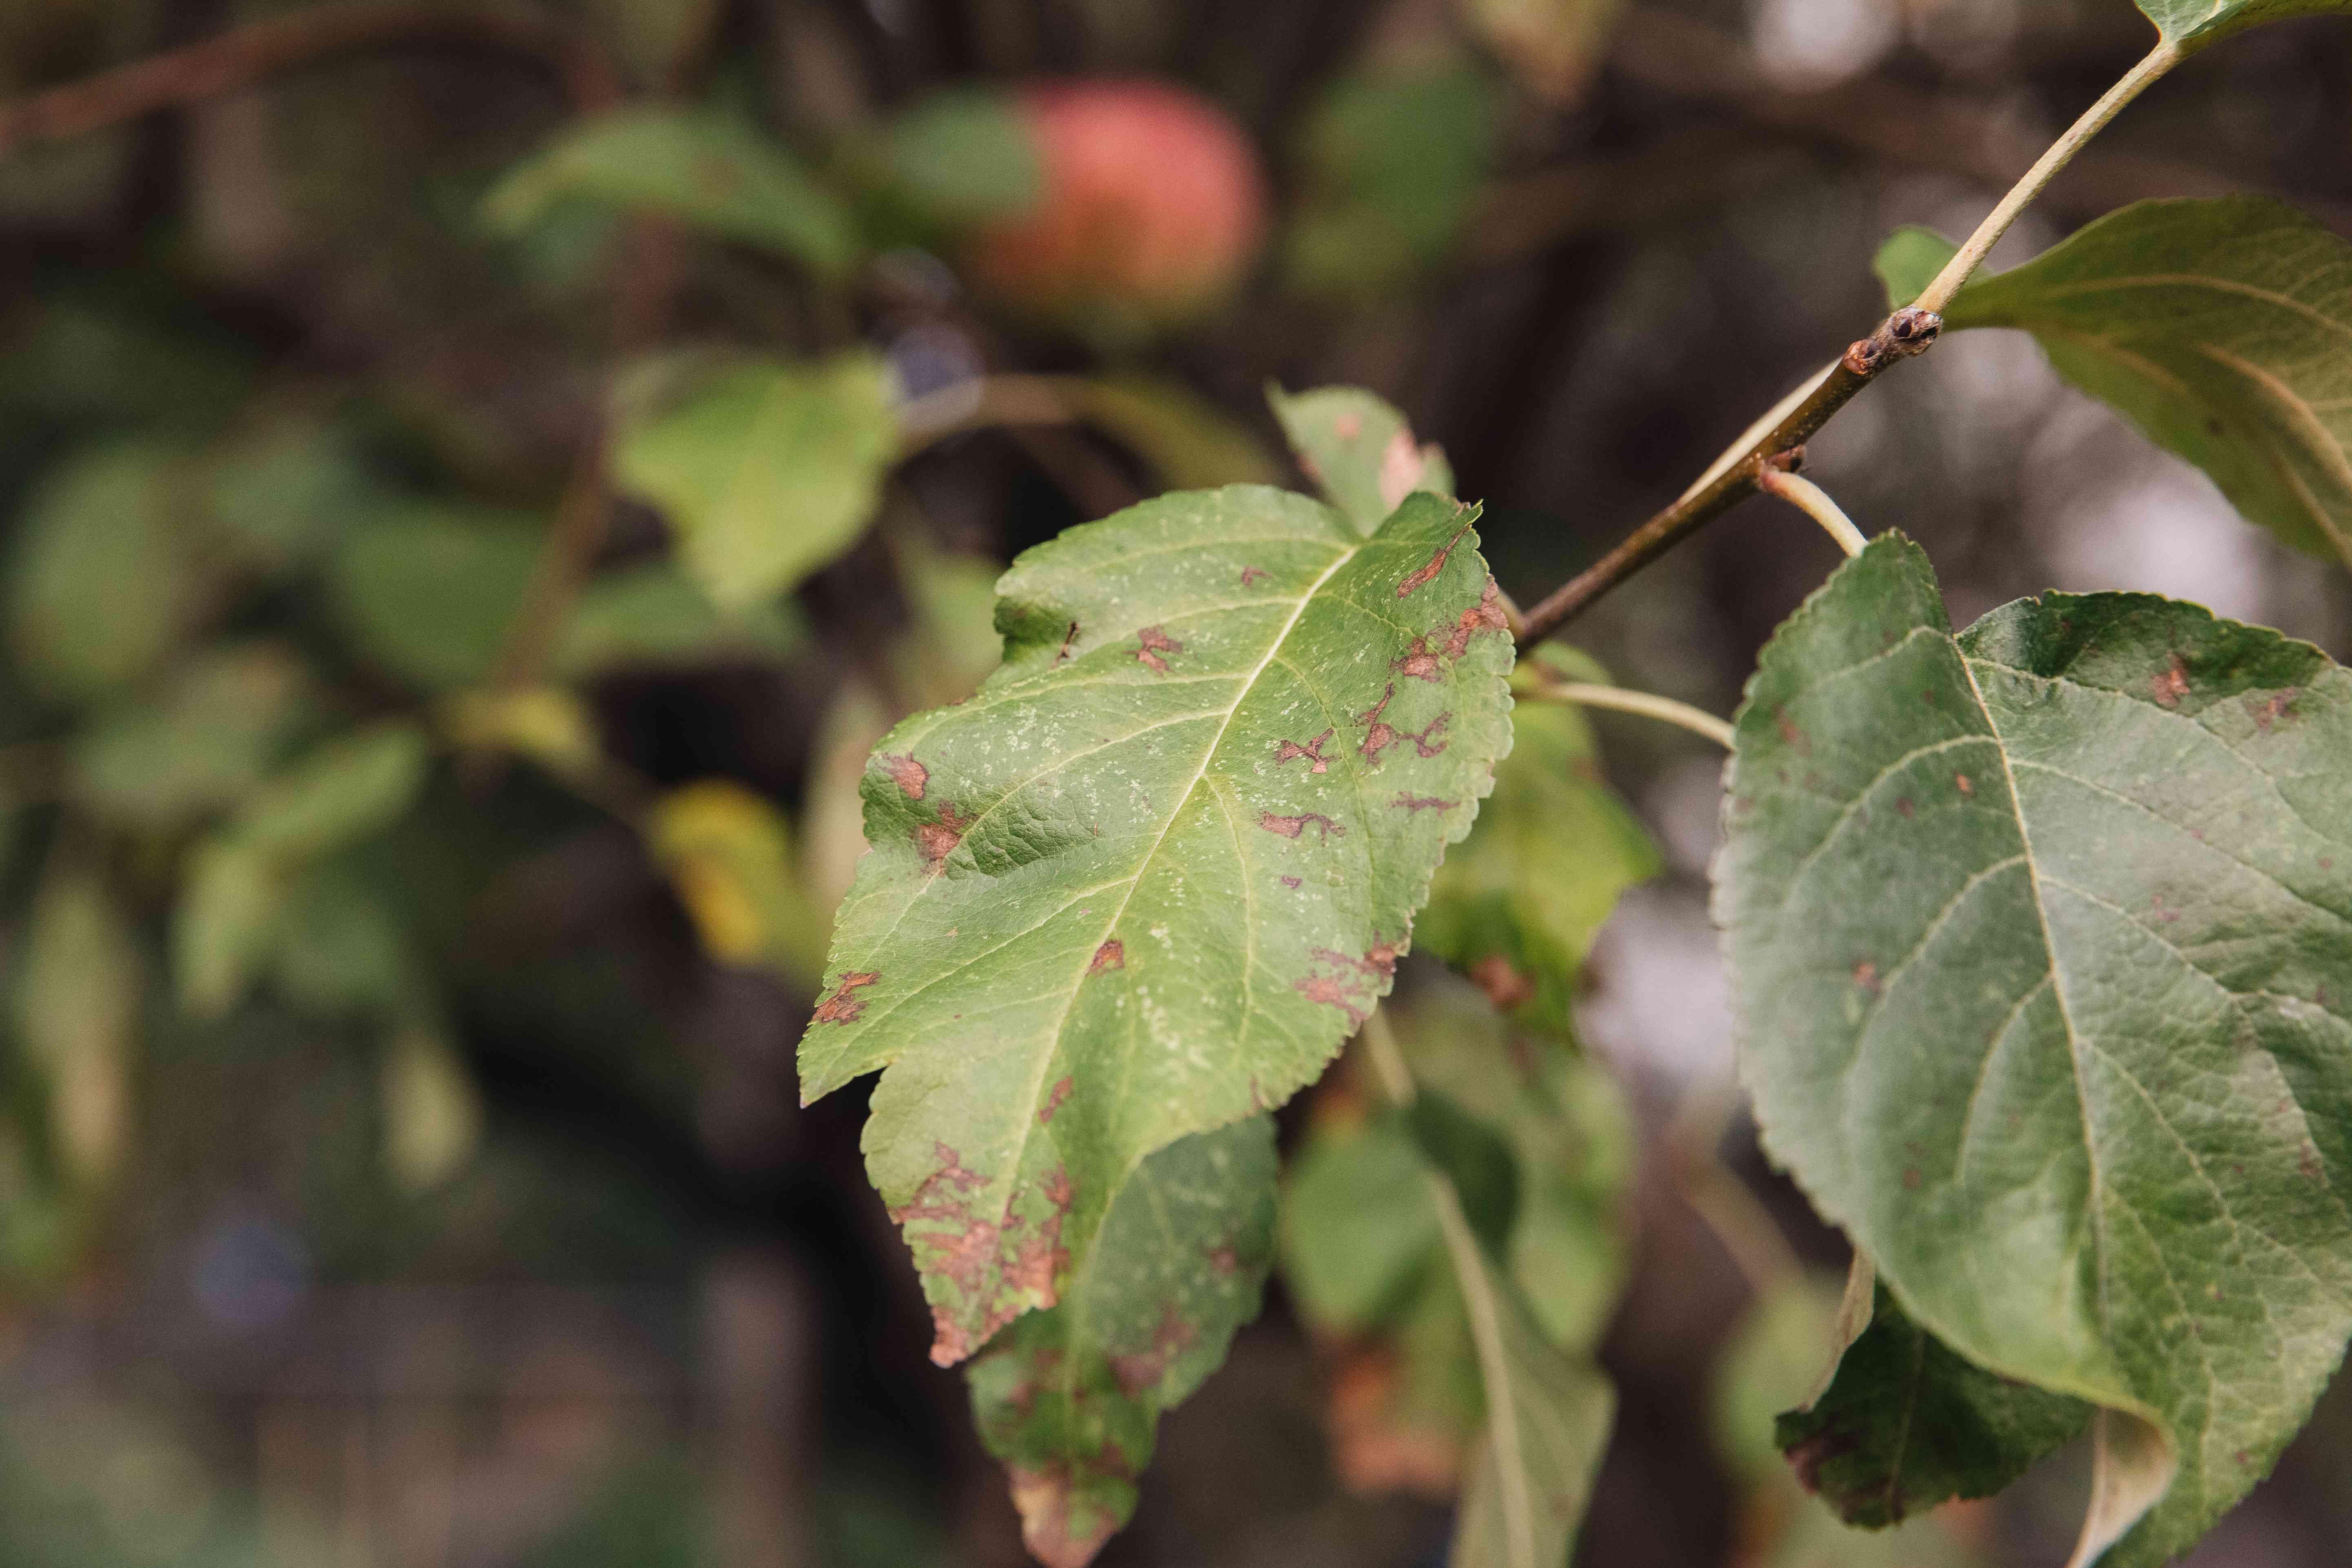 rust on apple tree leaves